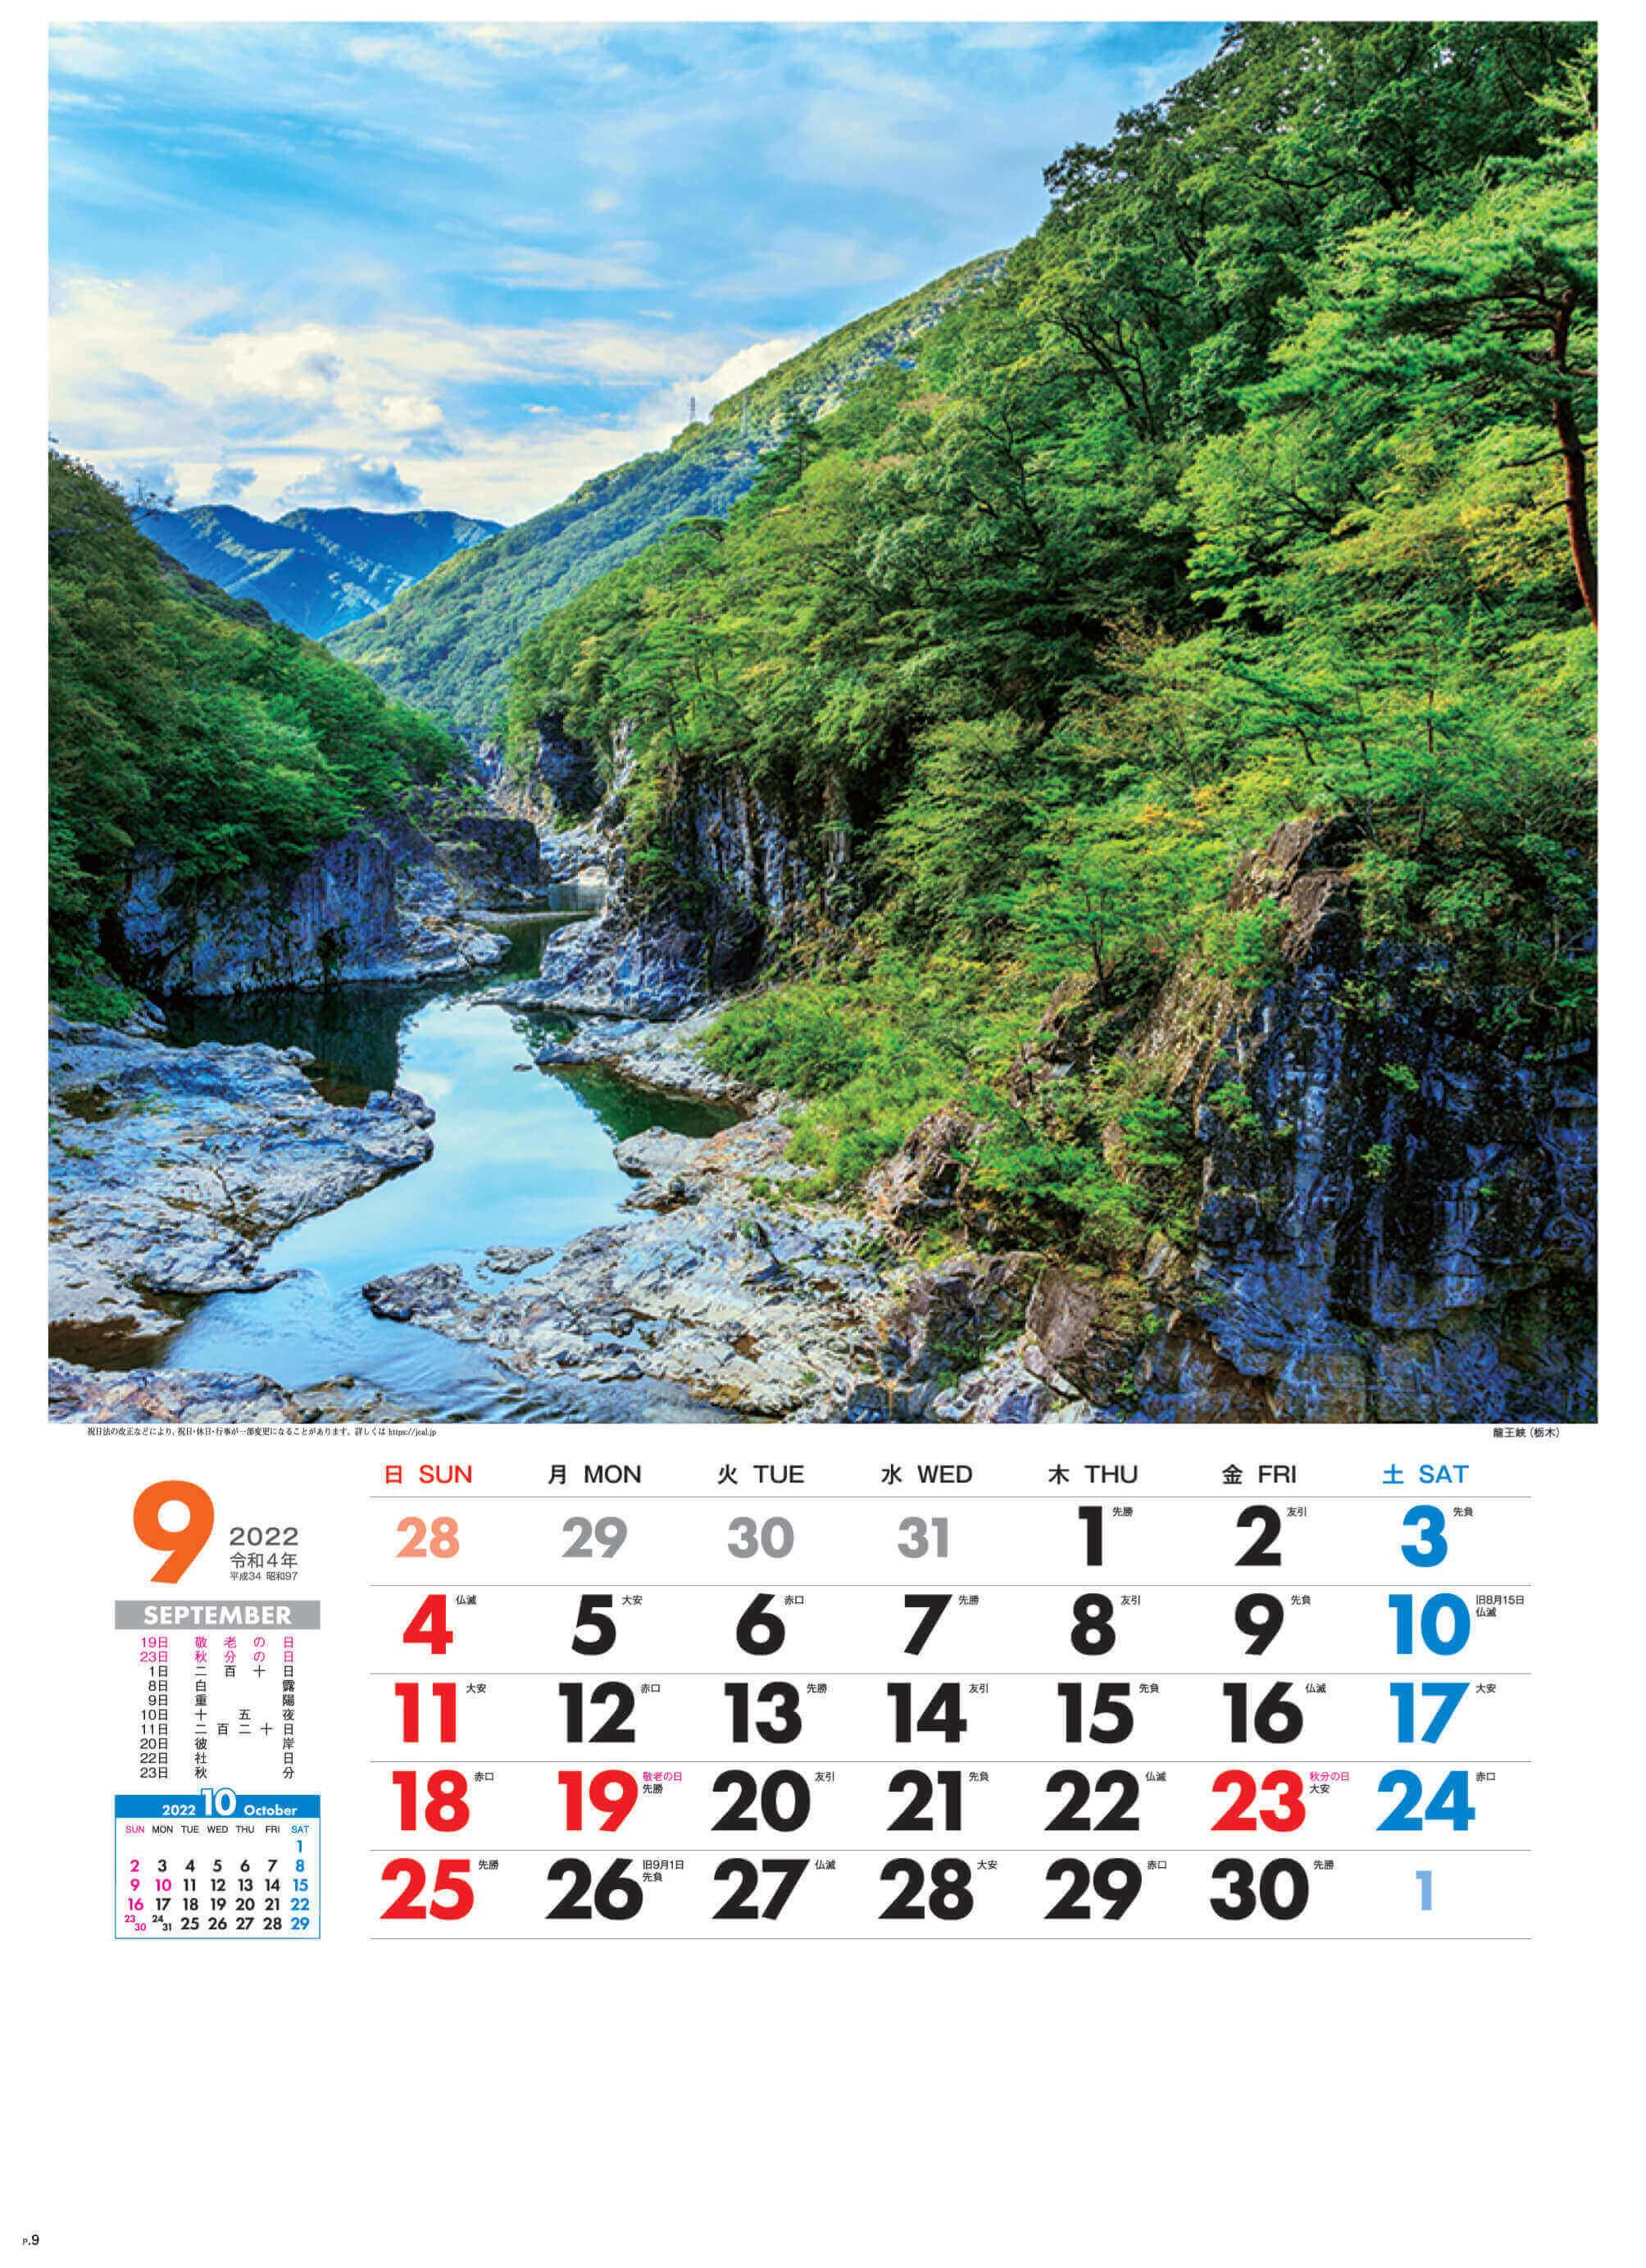 9月 龍王峡(栃木) 美しき日本 2022年カレンダーの画像